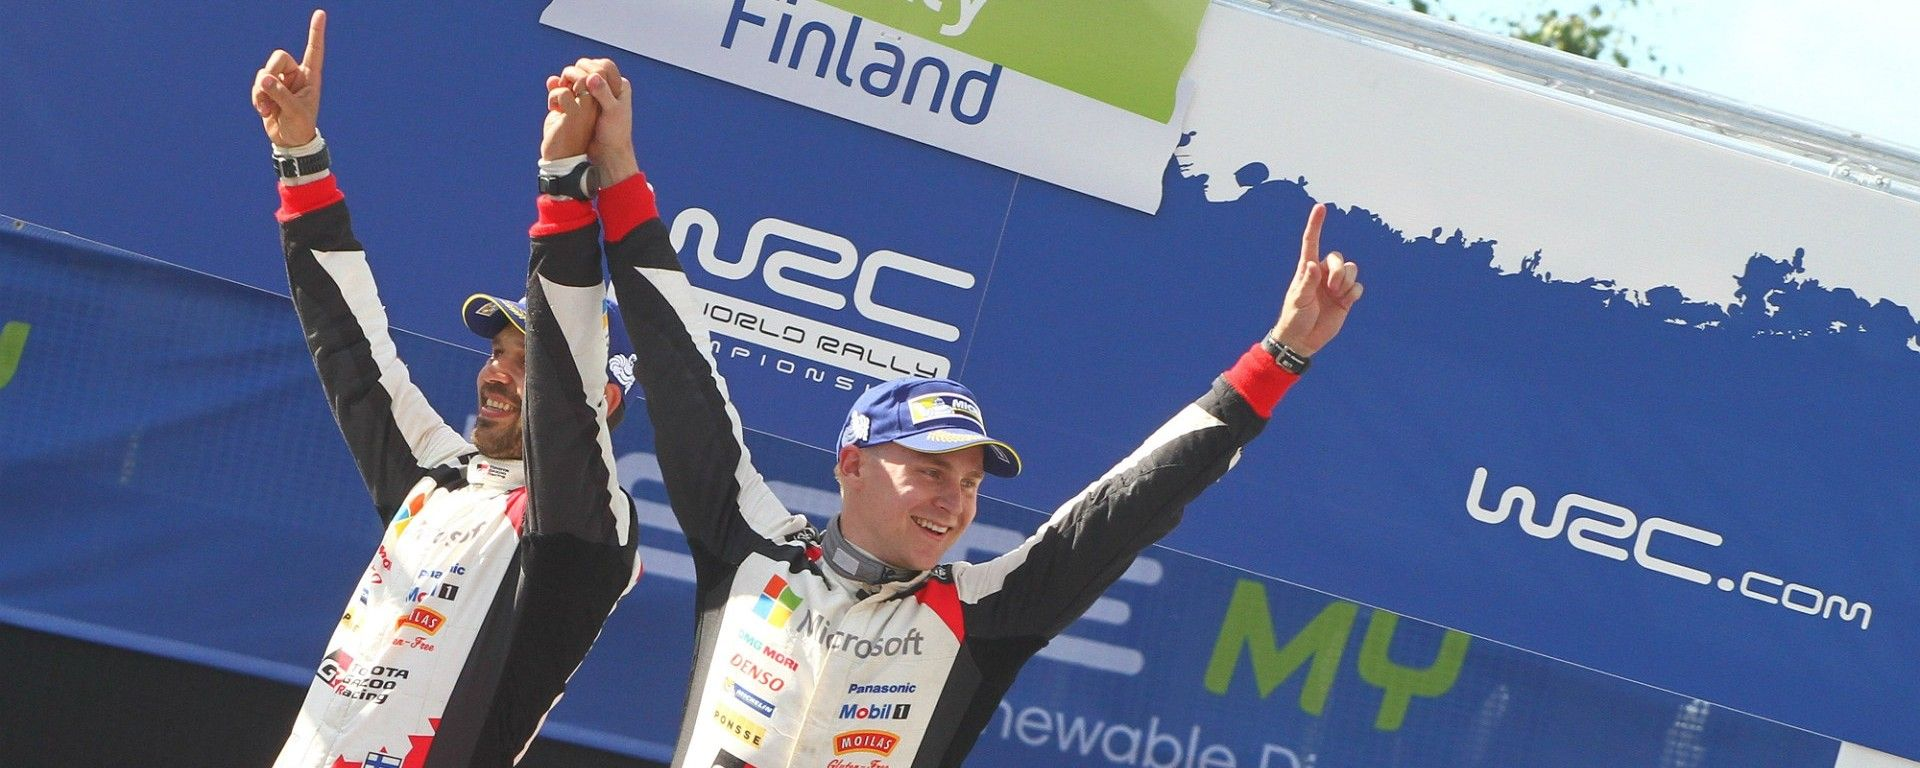 Lappi e il suo copilota sul podio del Rally di Finlandia 2017